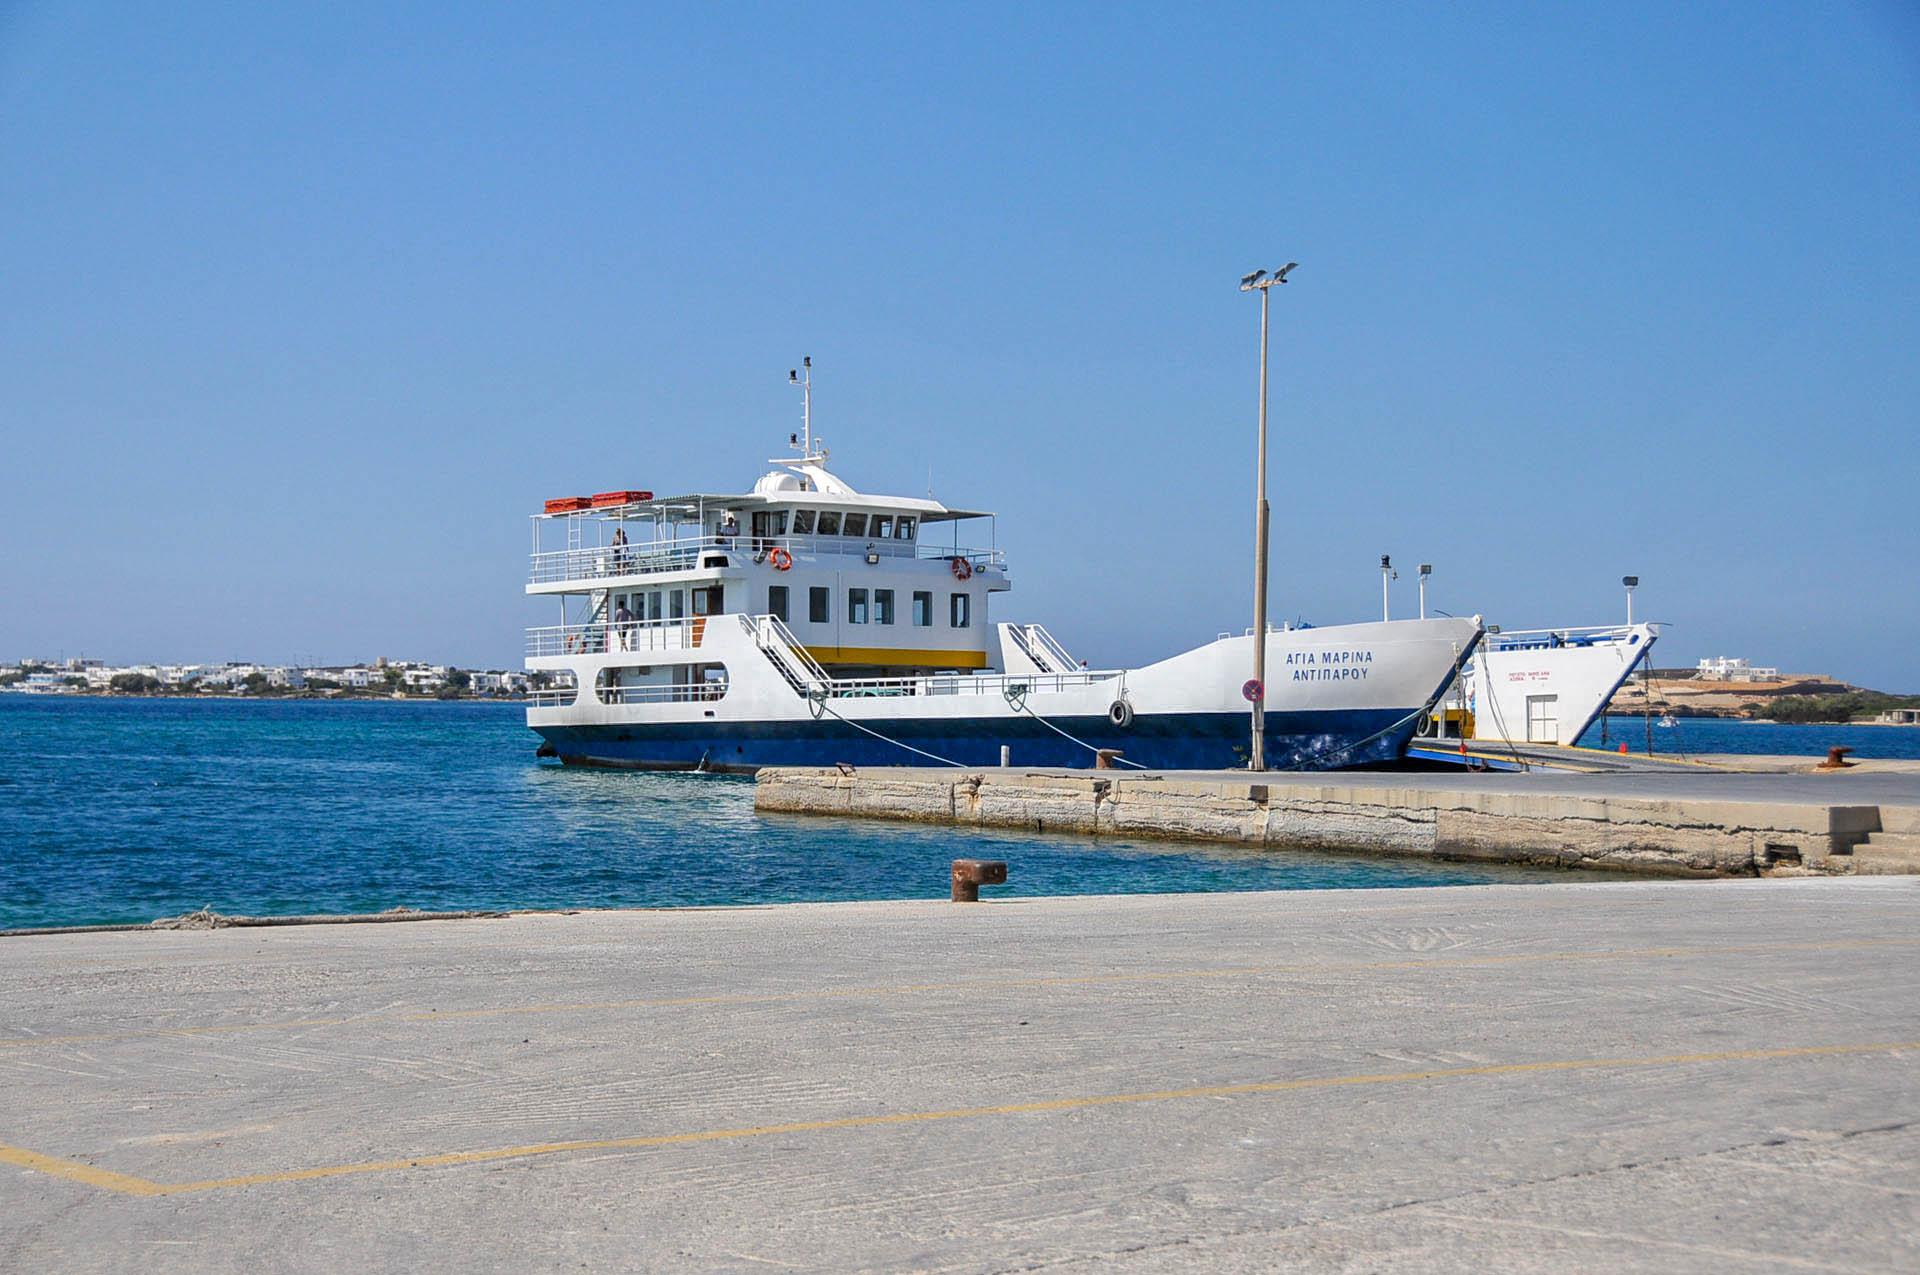 How to get to Antiparos from Paros